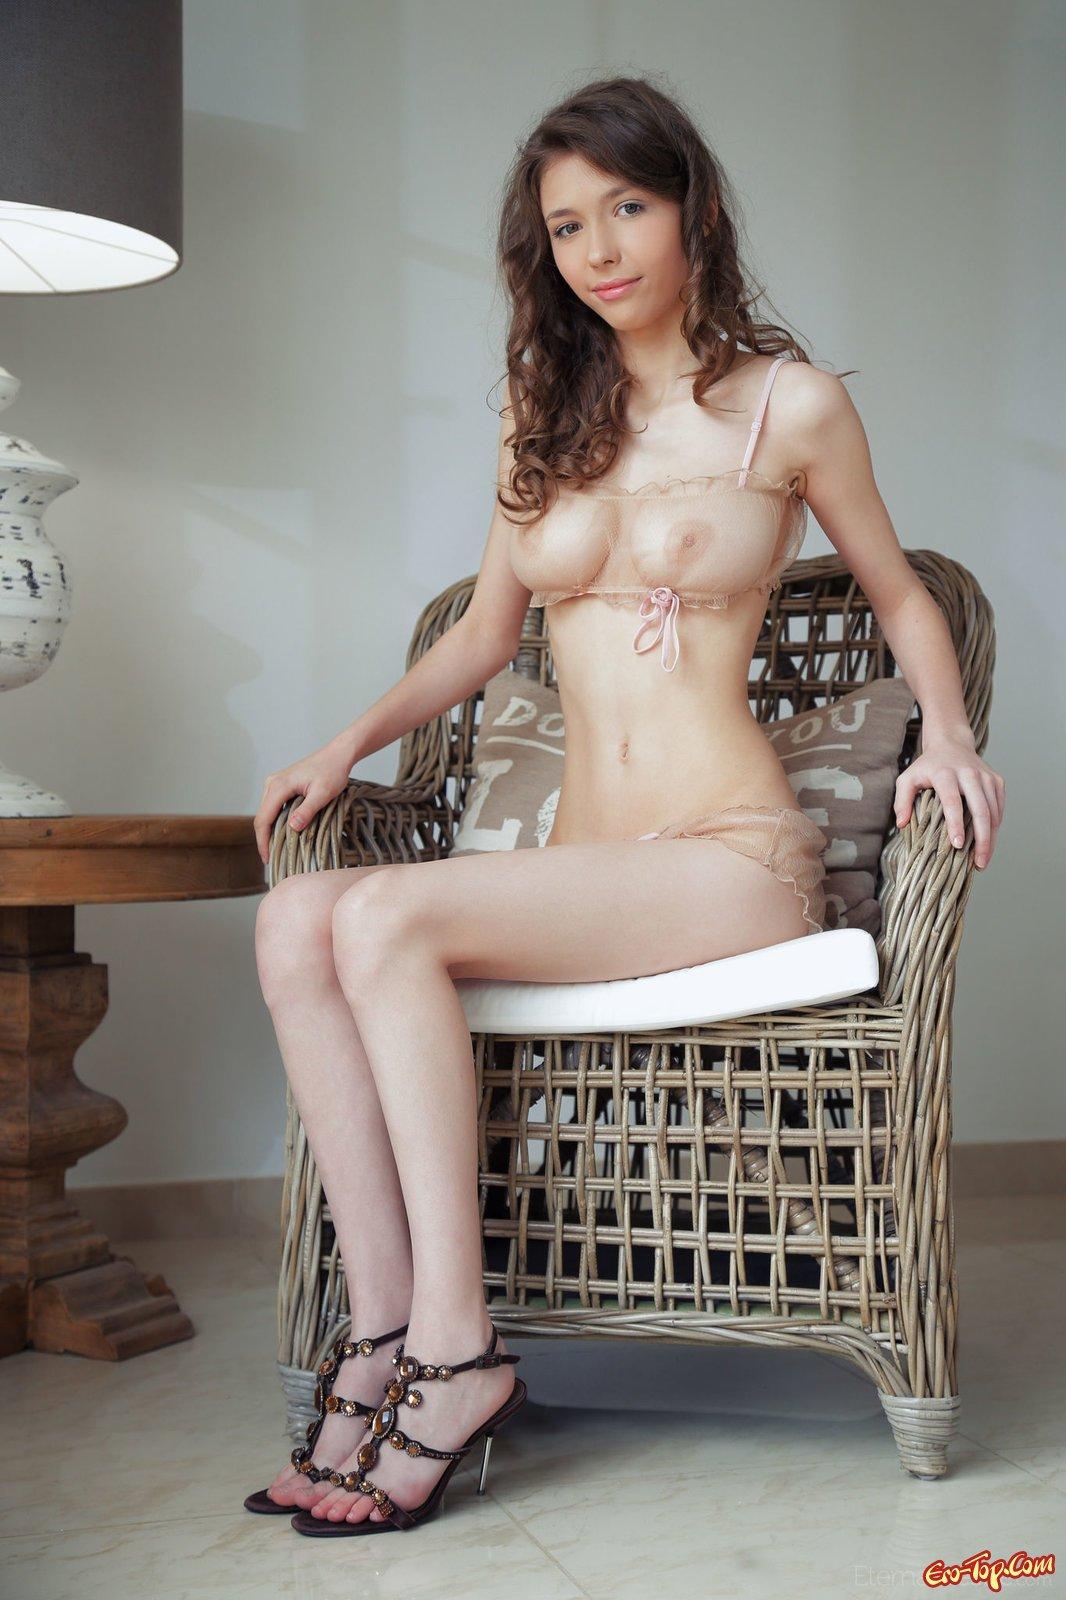 Худощавая барышня с крупной грудью снимается в кресле